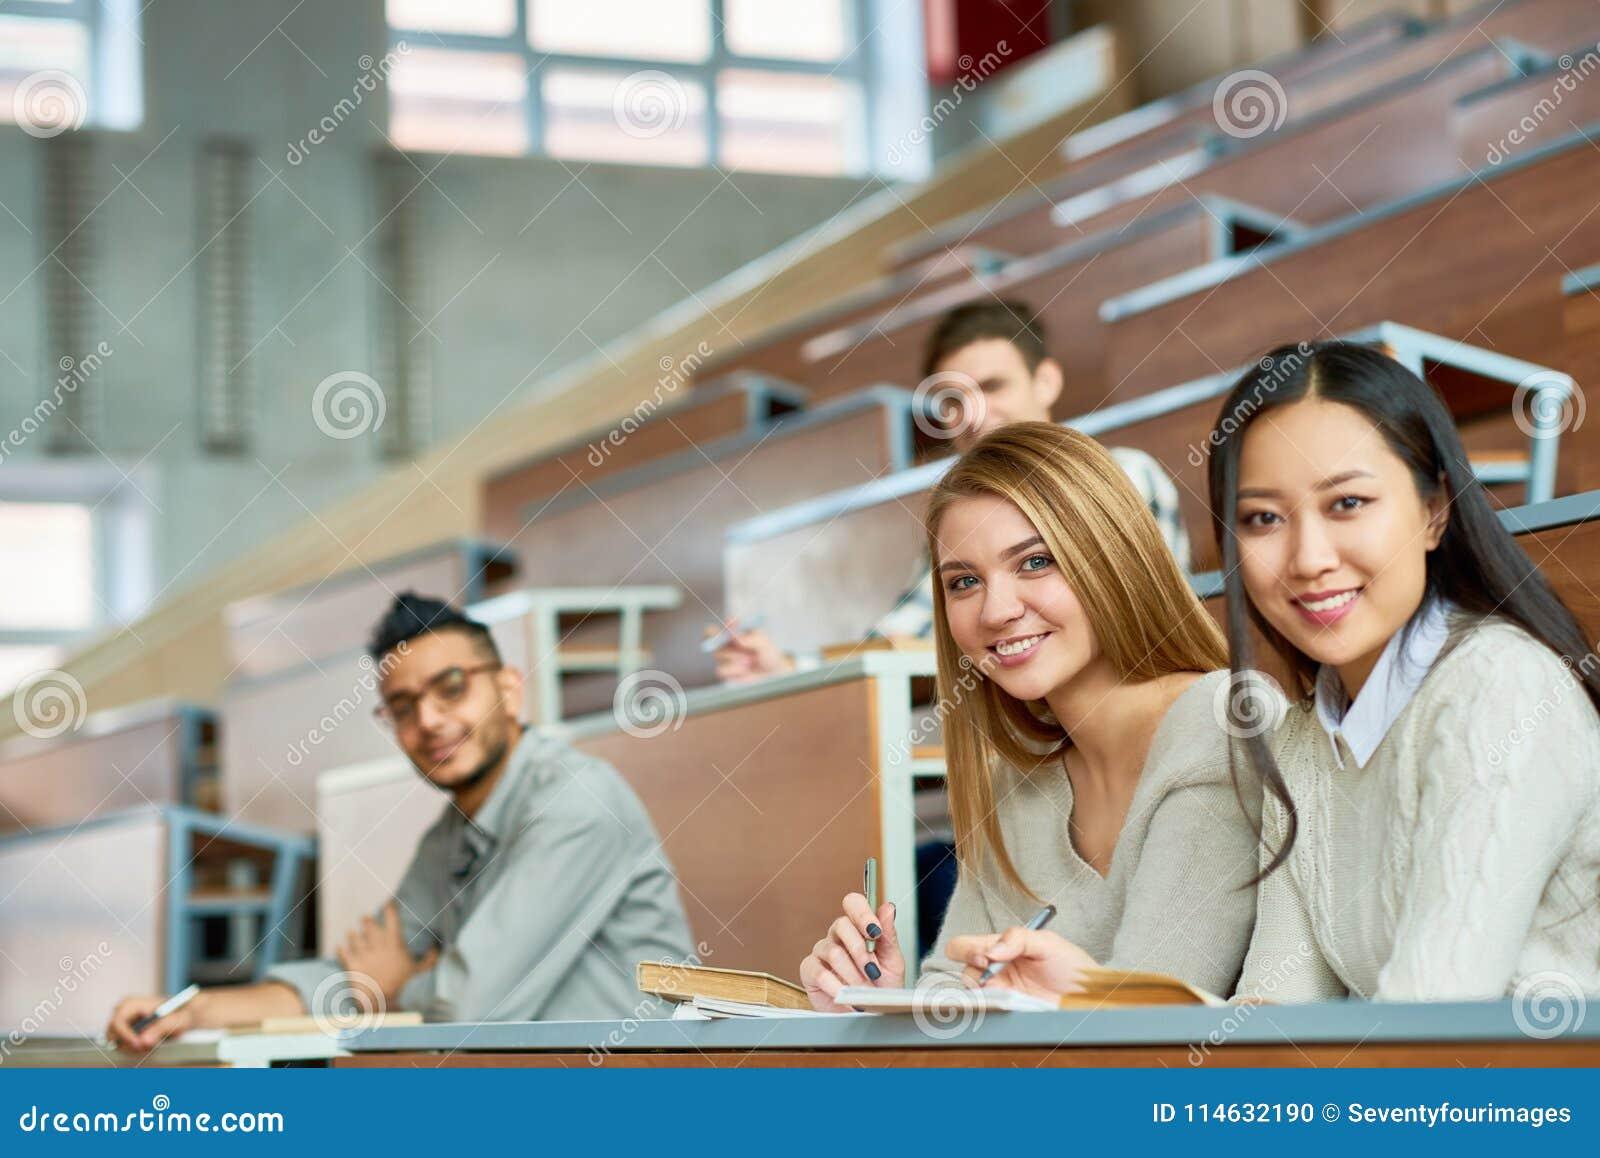 Grupp av lyckliga studenter i högskola